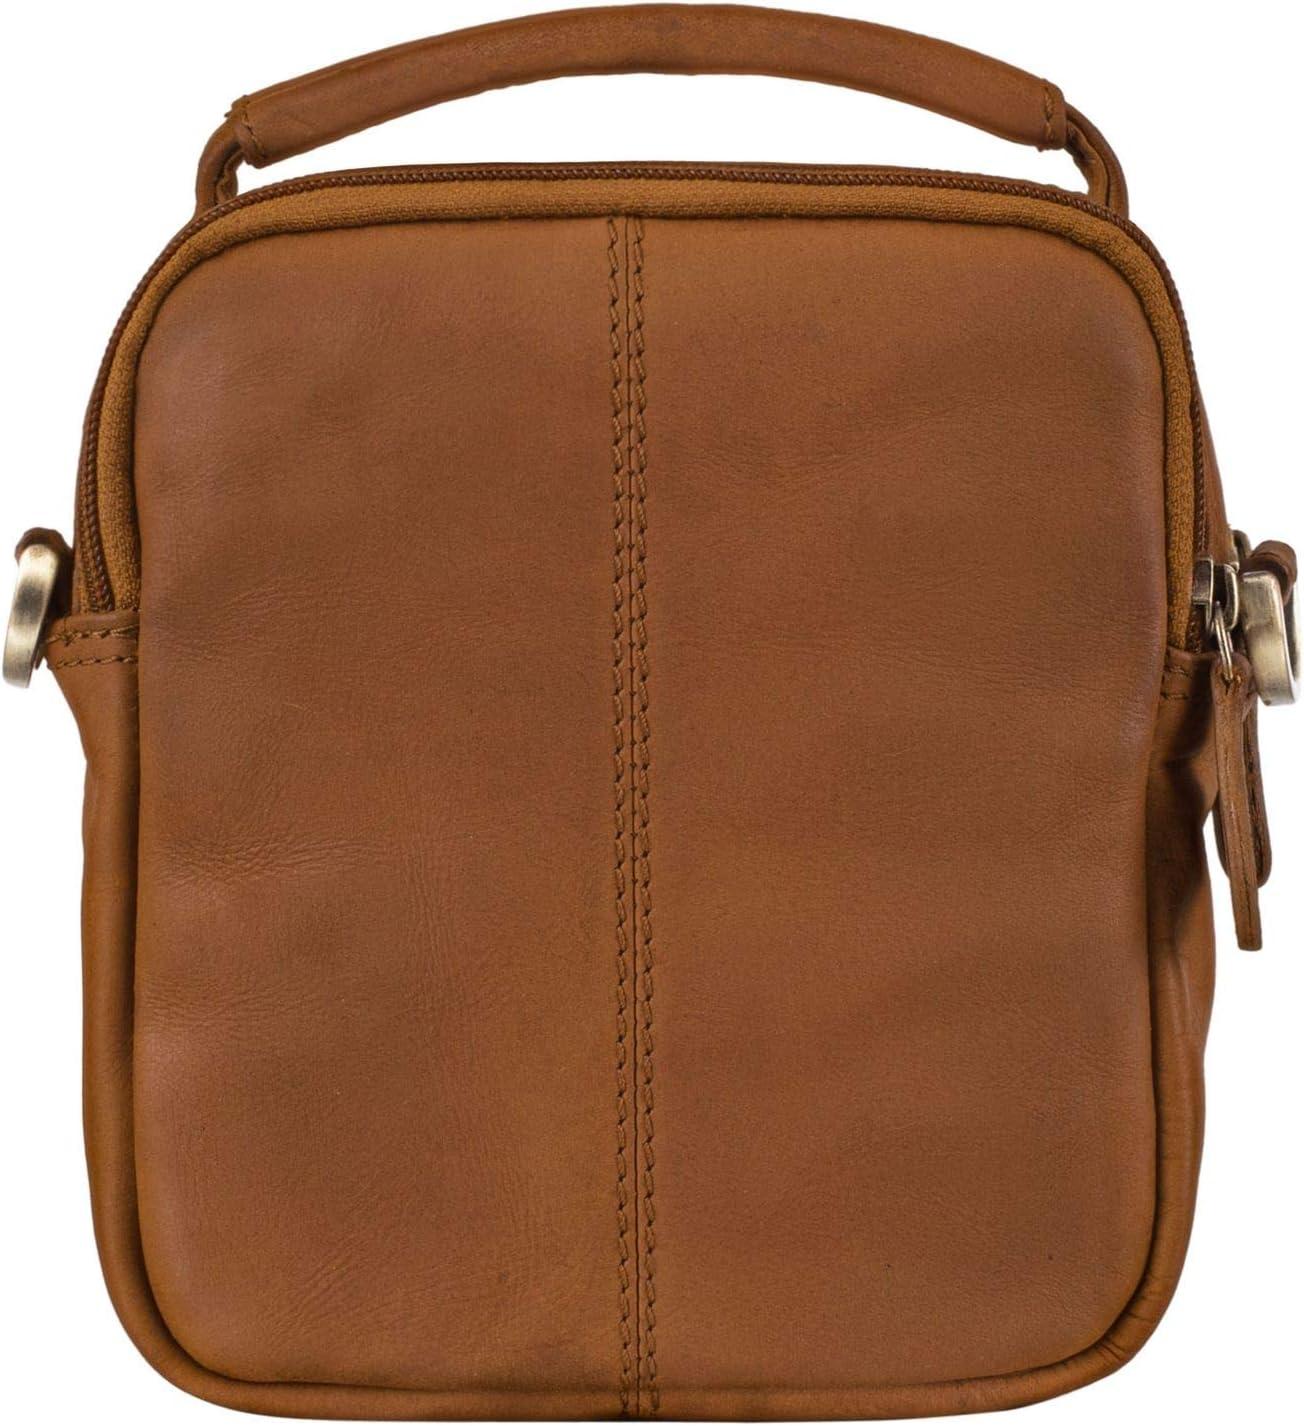 Colore:nero STILORD Keith Borsetta Uomo Piccola a Tracolla in Pelle Borsello Messenger Bag Borsa per Tablet 7 Pollici per Mare Stile Vintage